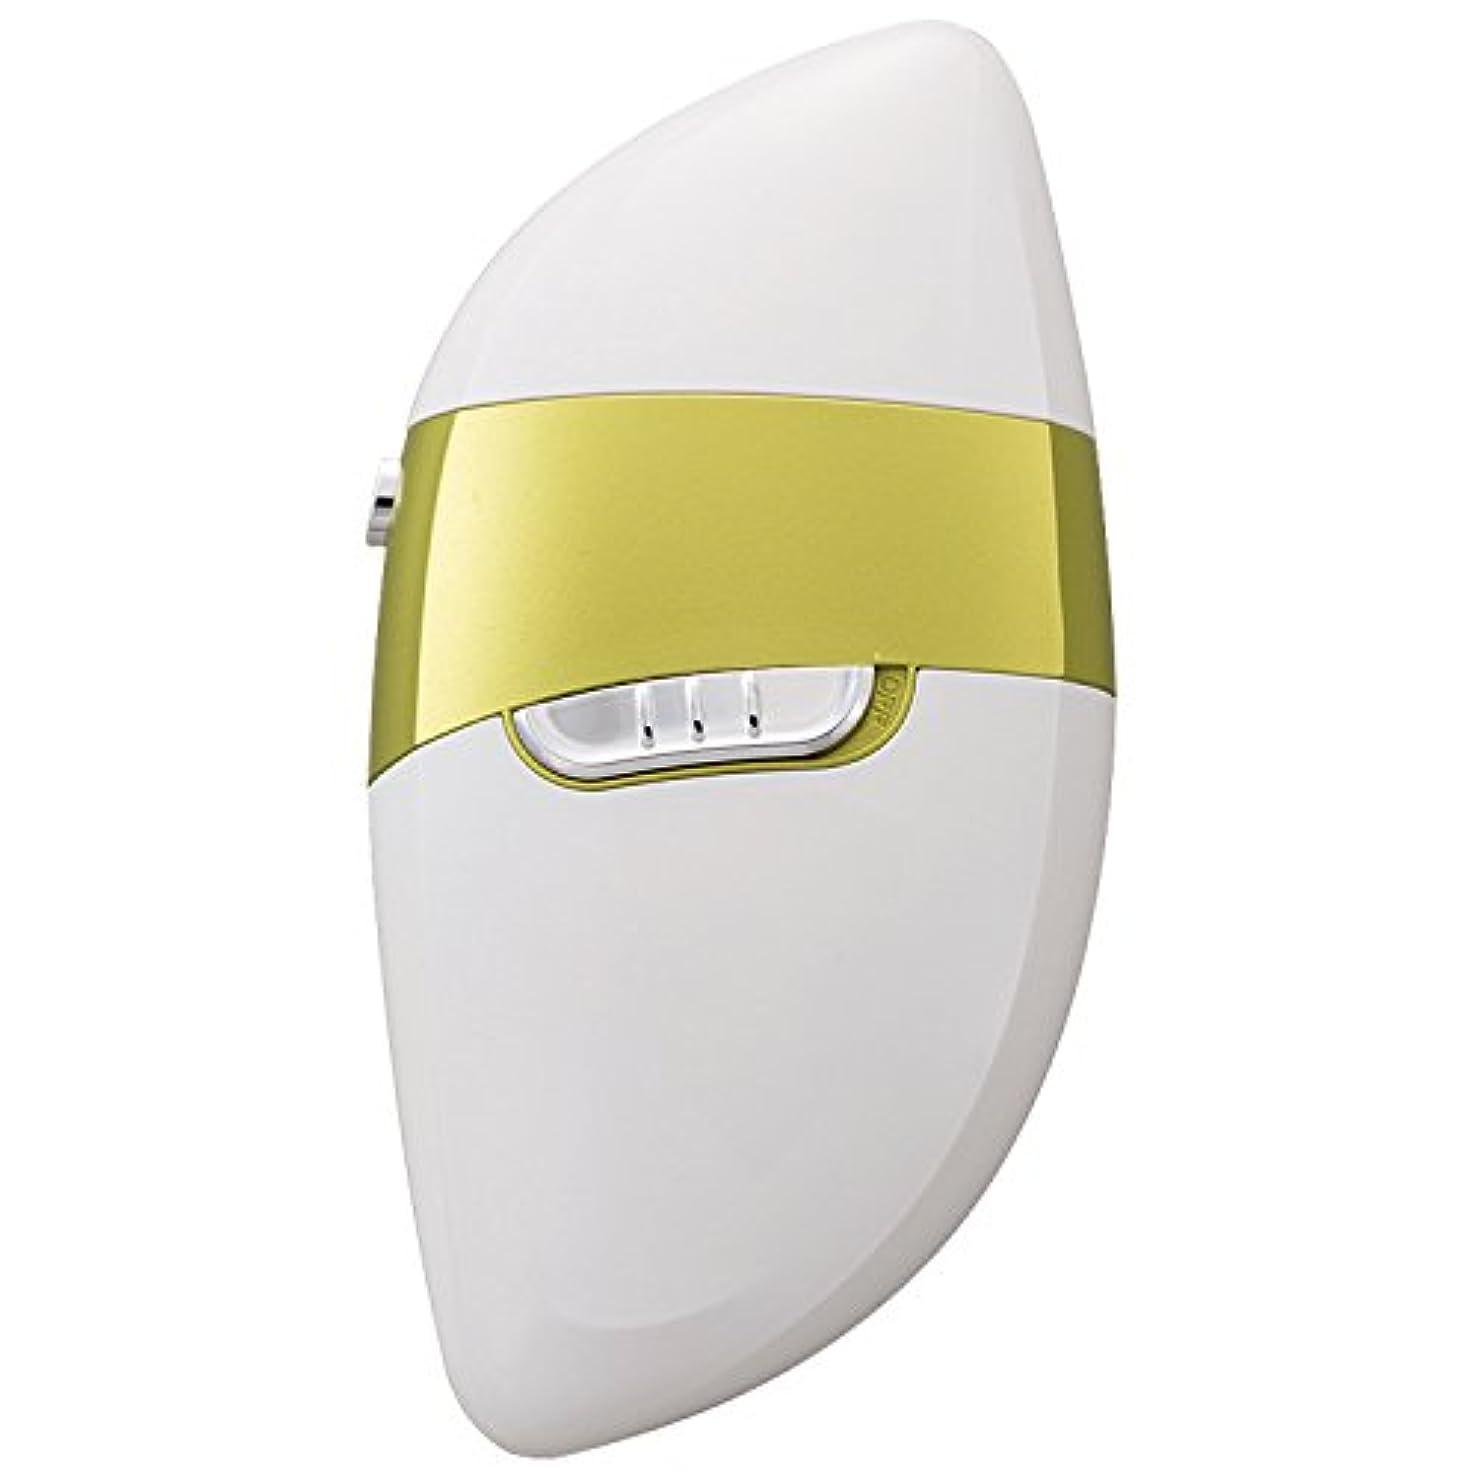 備品不健康セラフマリン商事 電動爪切り Leaf 角質ローラー付 EL-50176